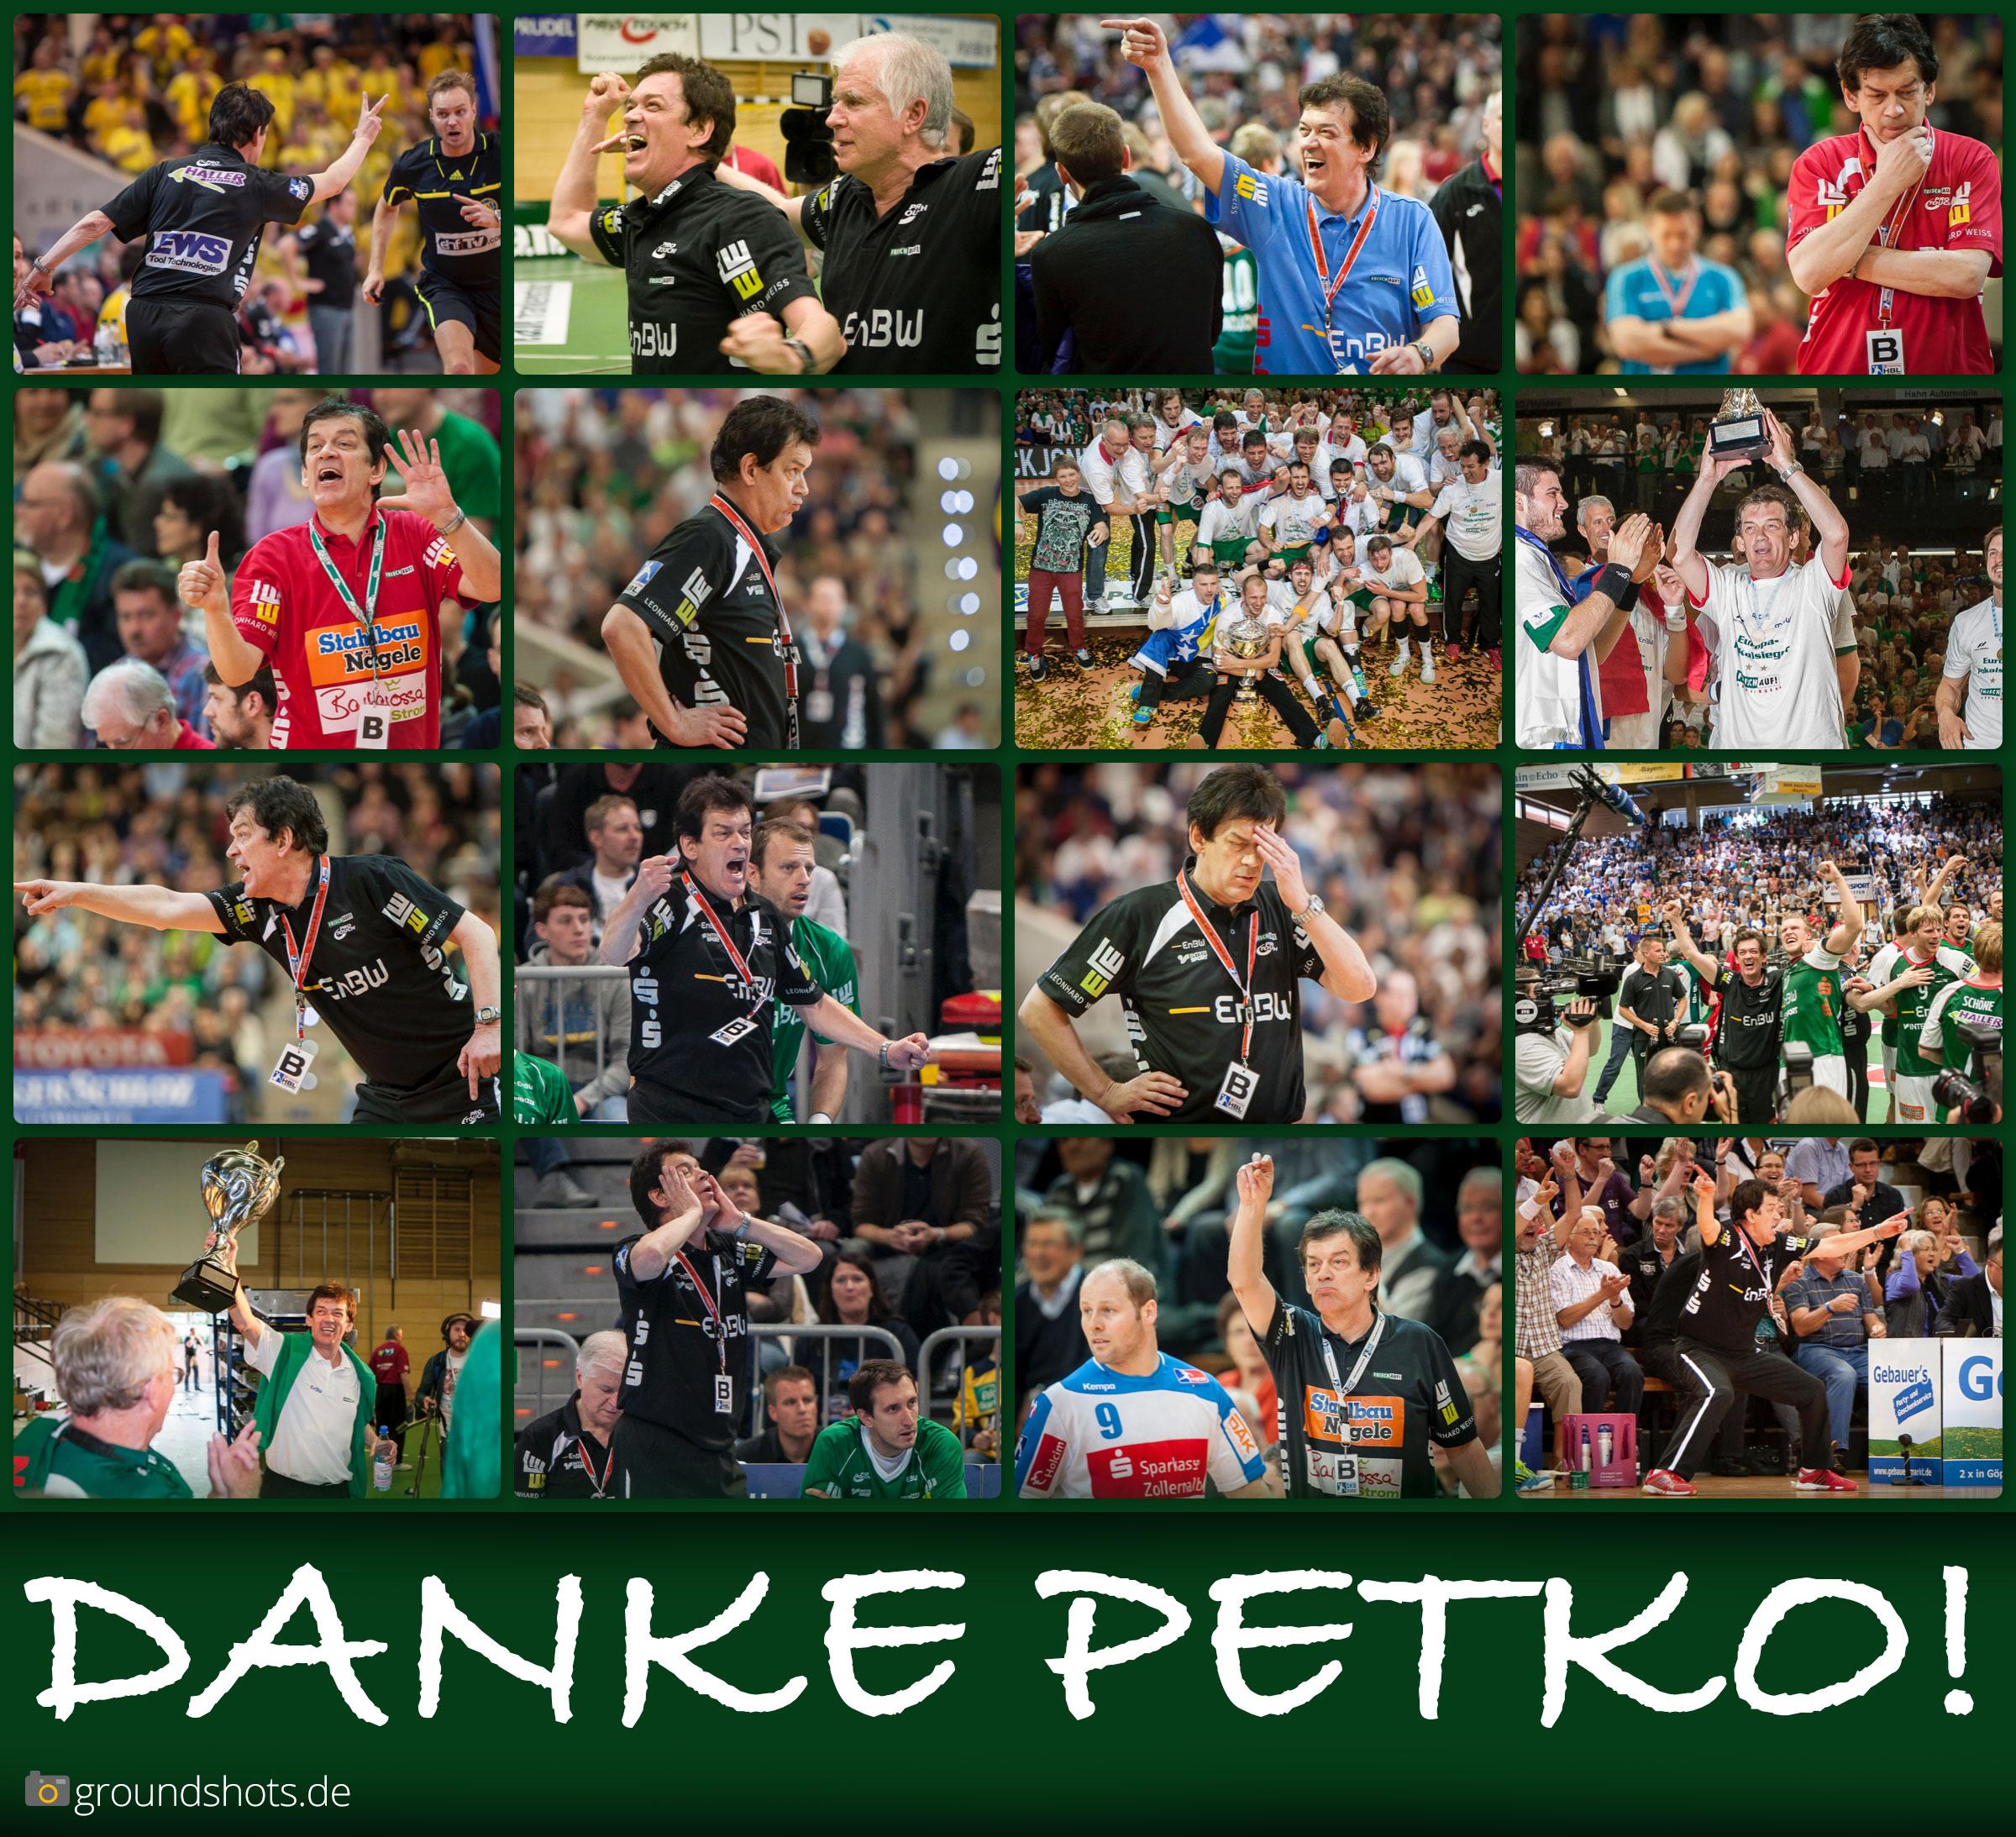 Danke, Petko!